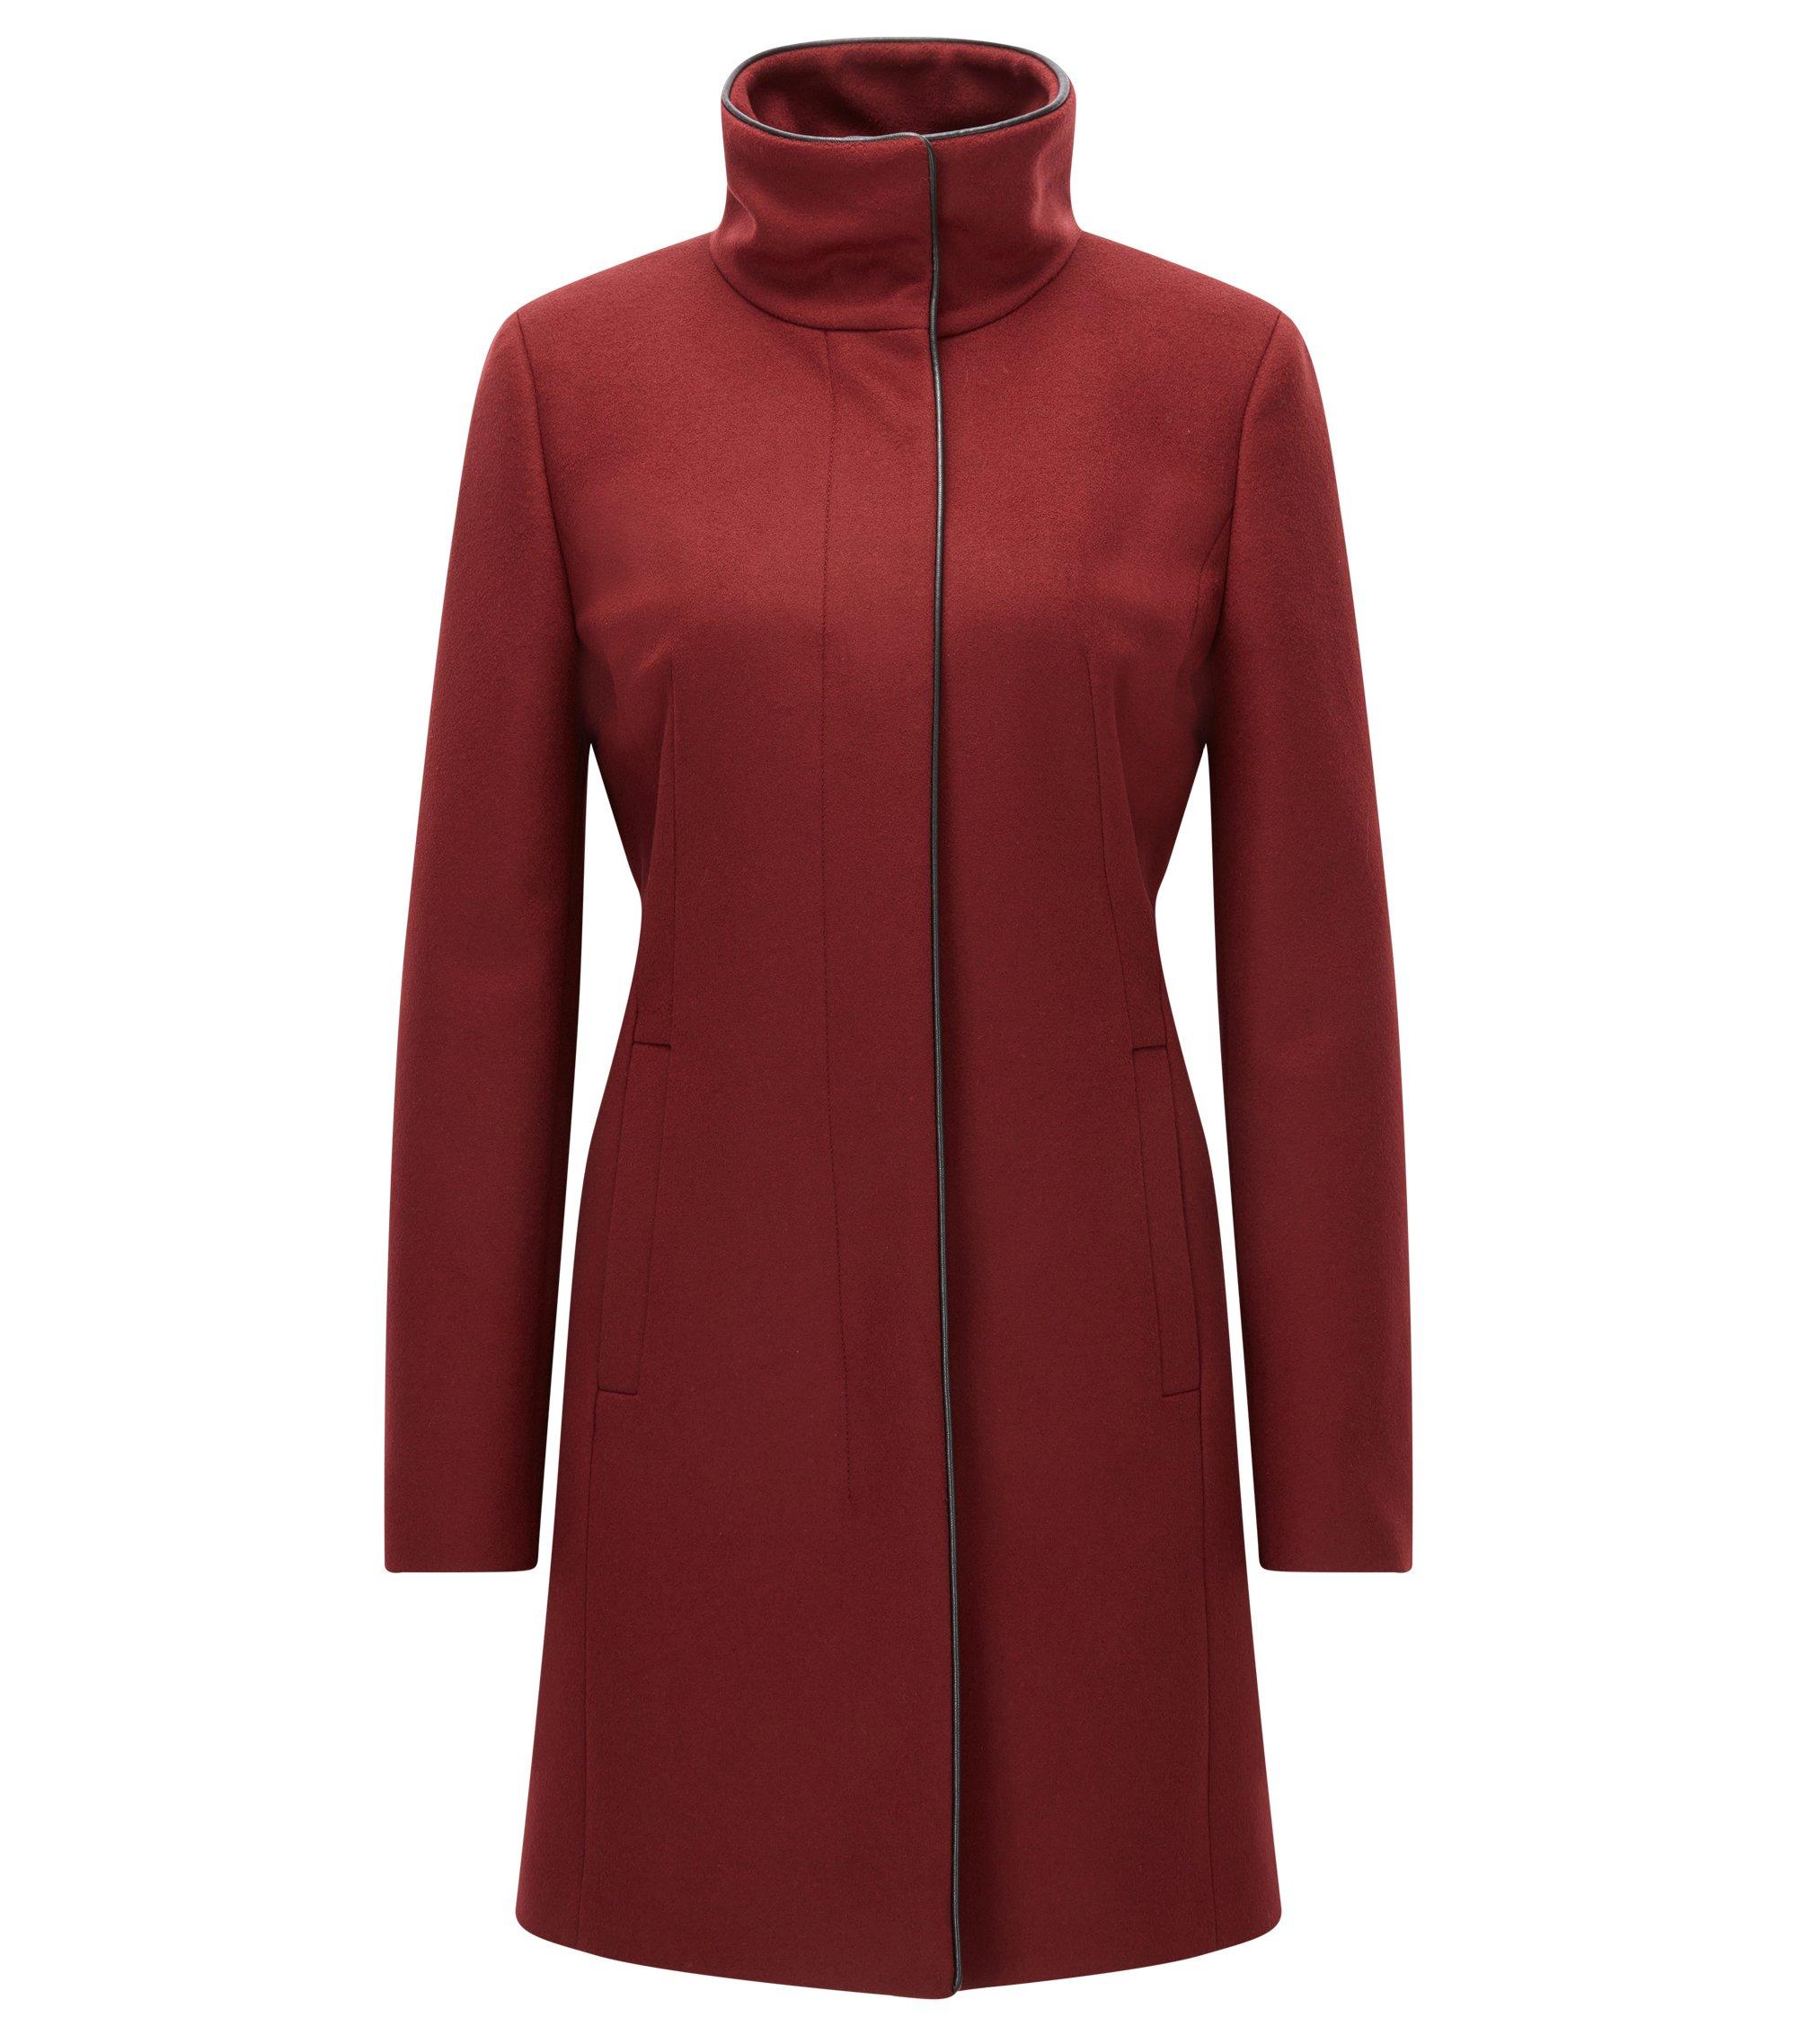 Abrigo slim fit en mezcla de lana virgen con ribetes, Rojo oscuro